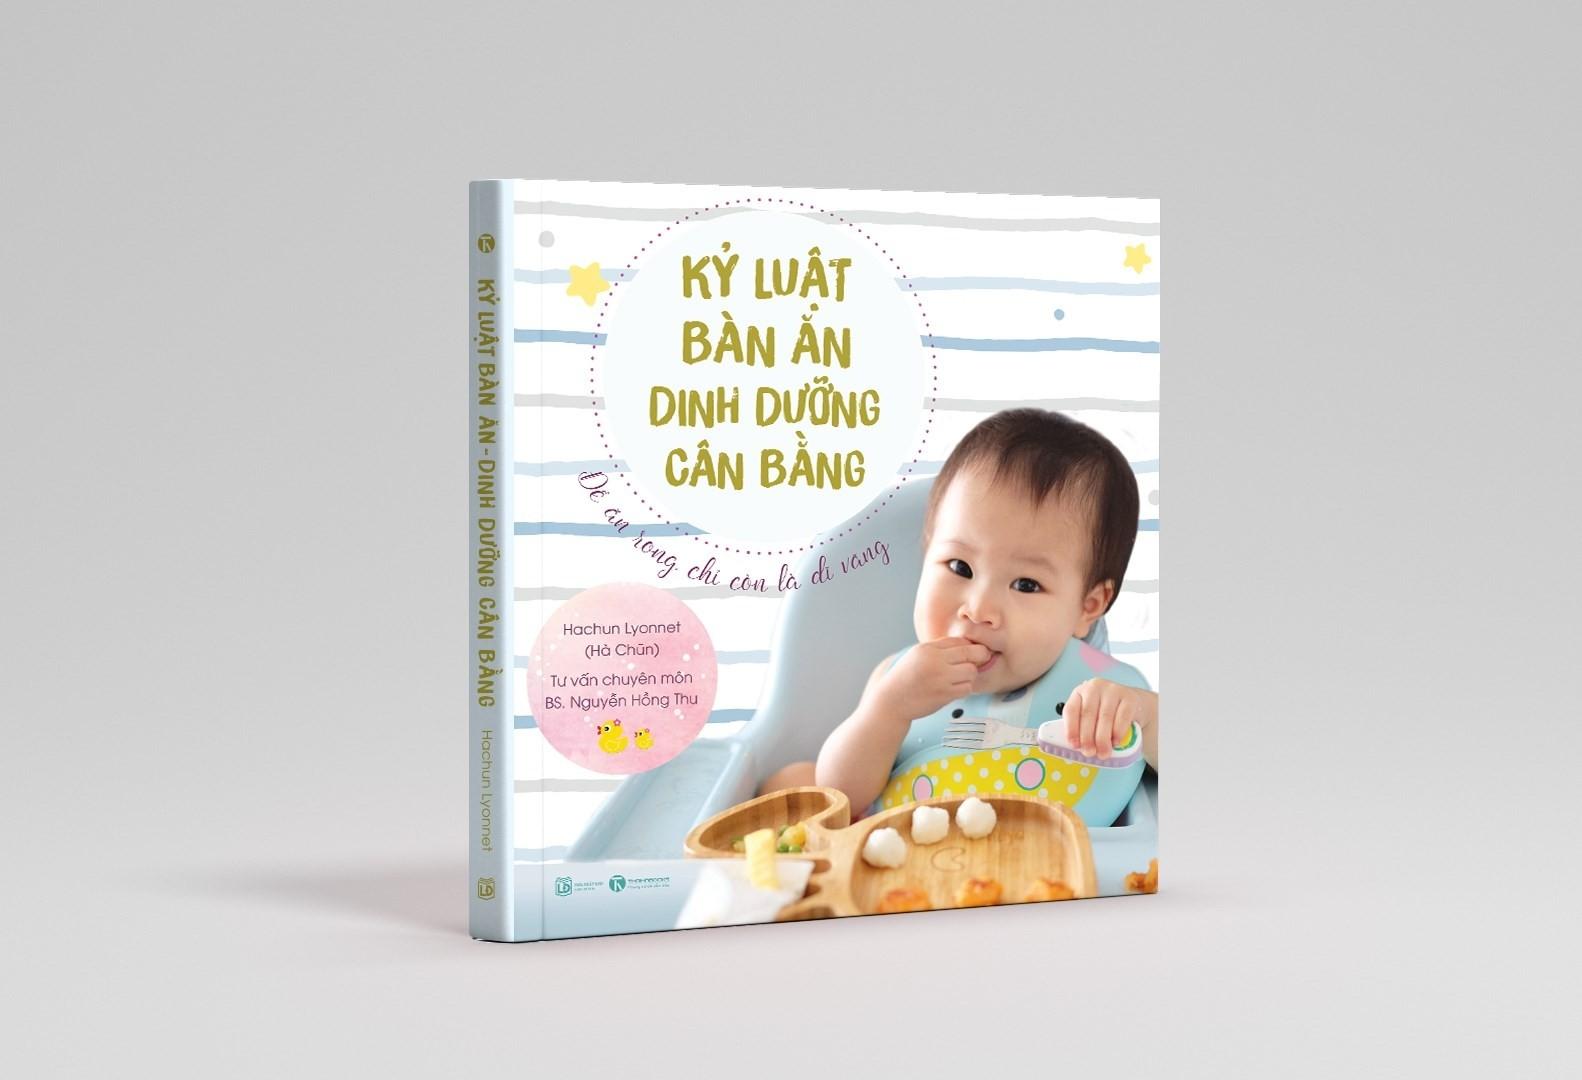 5 cuốn sách về ăn dặm bán chạy nhất: Giúp các mẹ chăm con nhàn tênh suốt mùa dịch